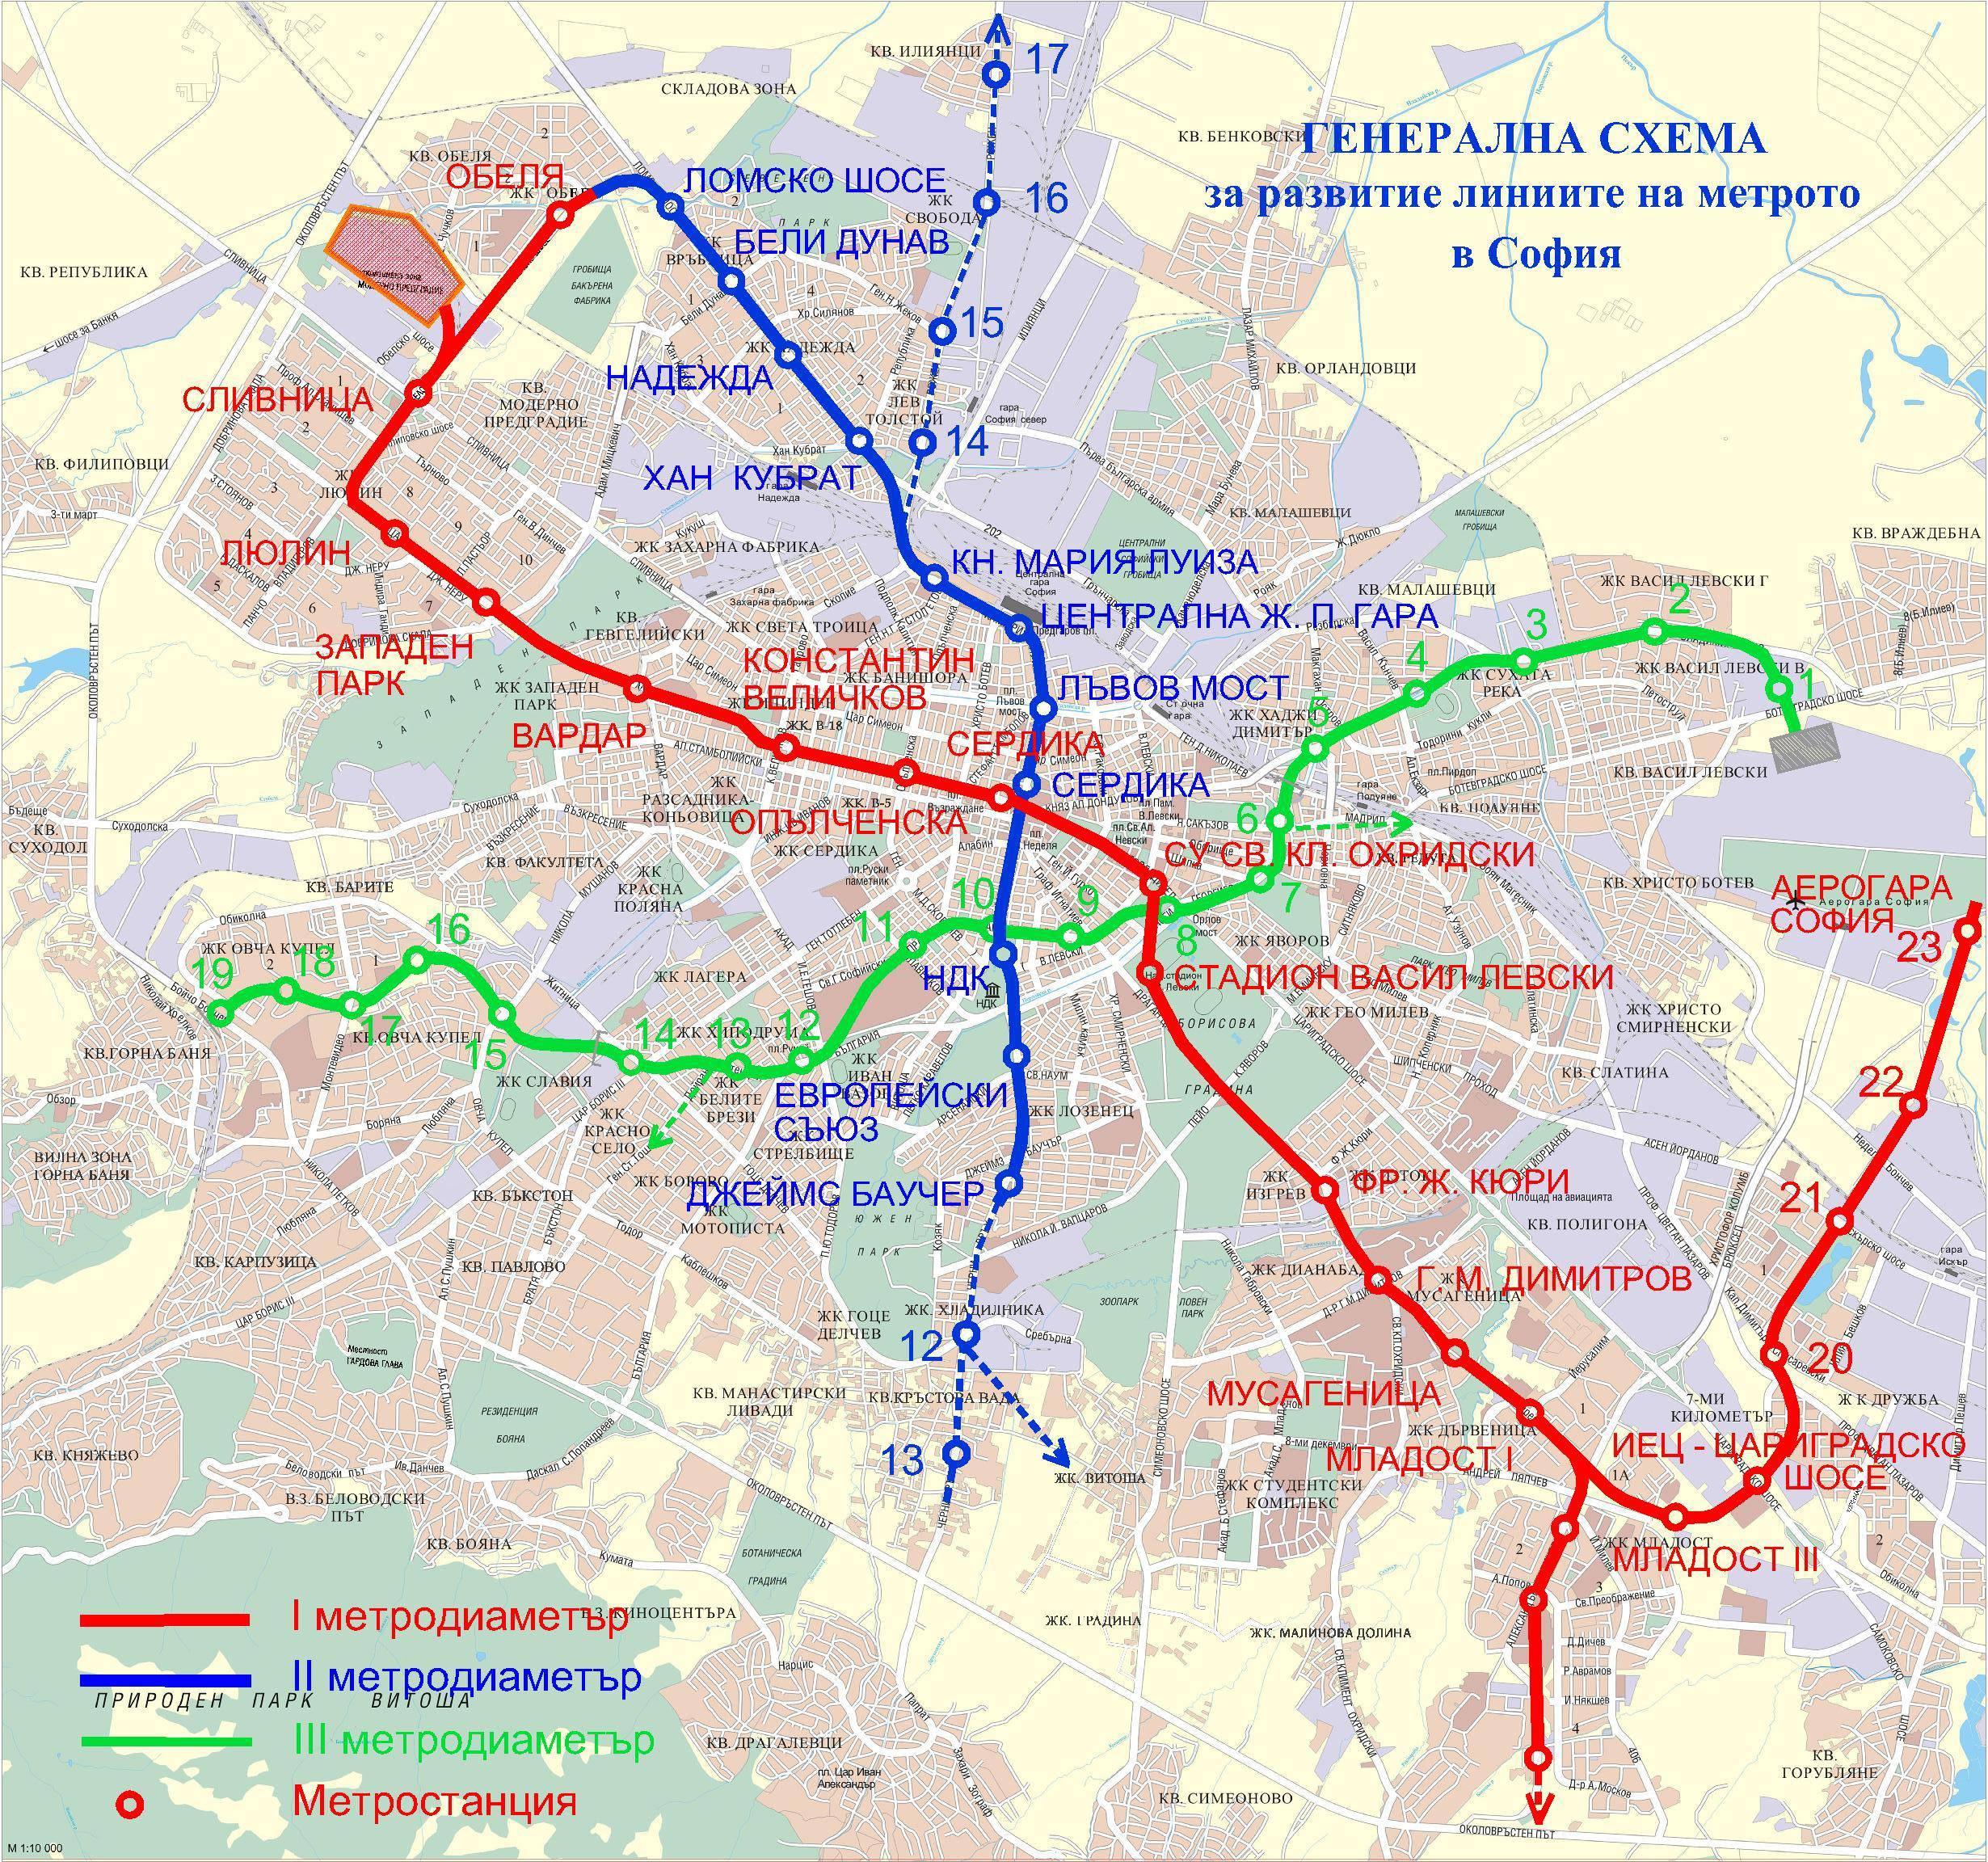 Sofiya Na Karte Mira Podrobnye Karty Sofii Karta Otelej